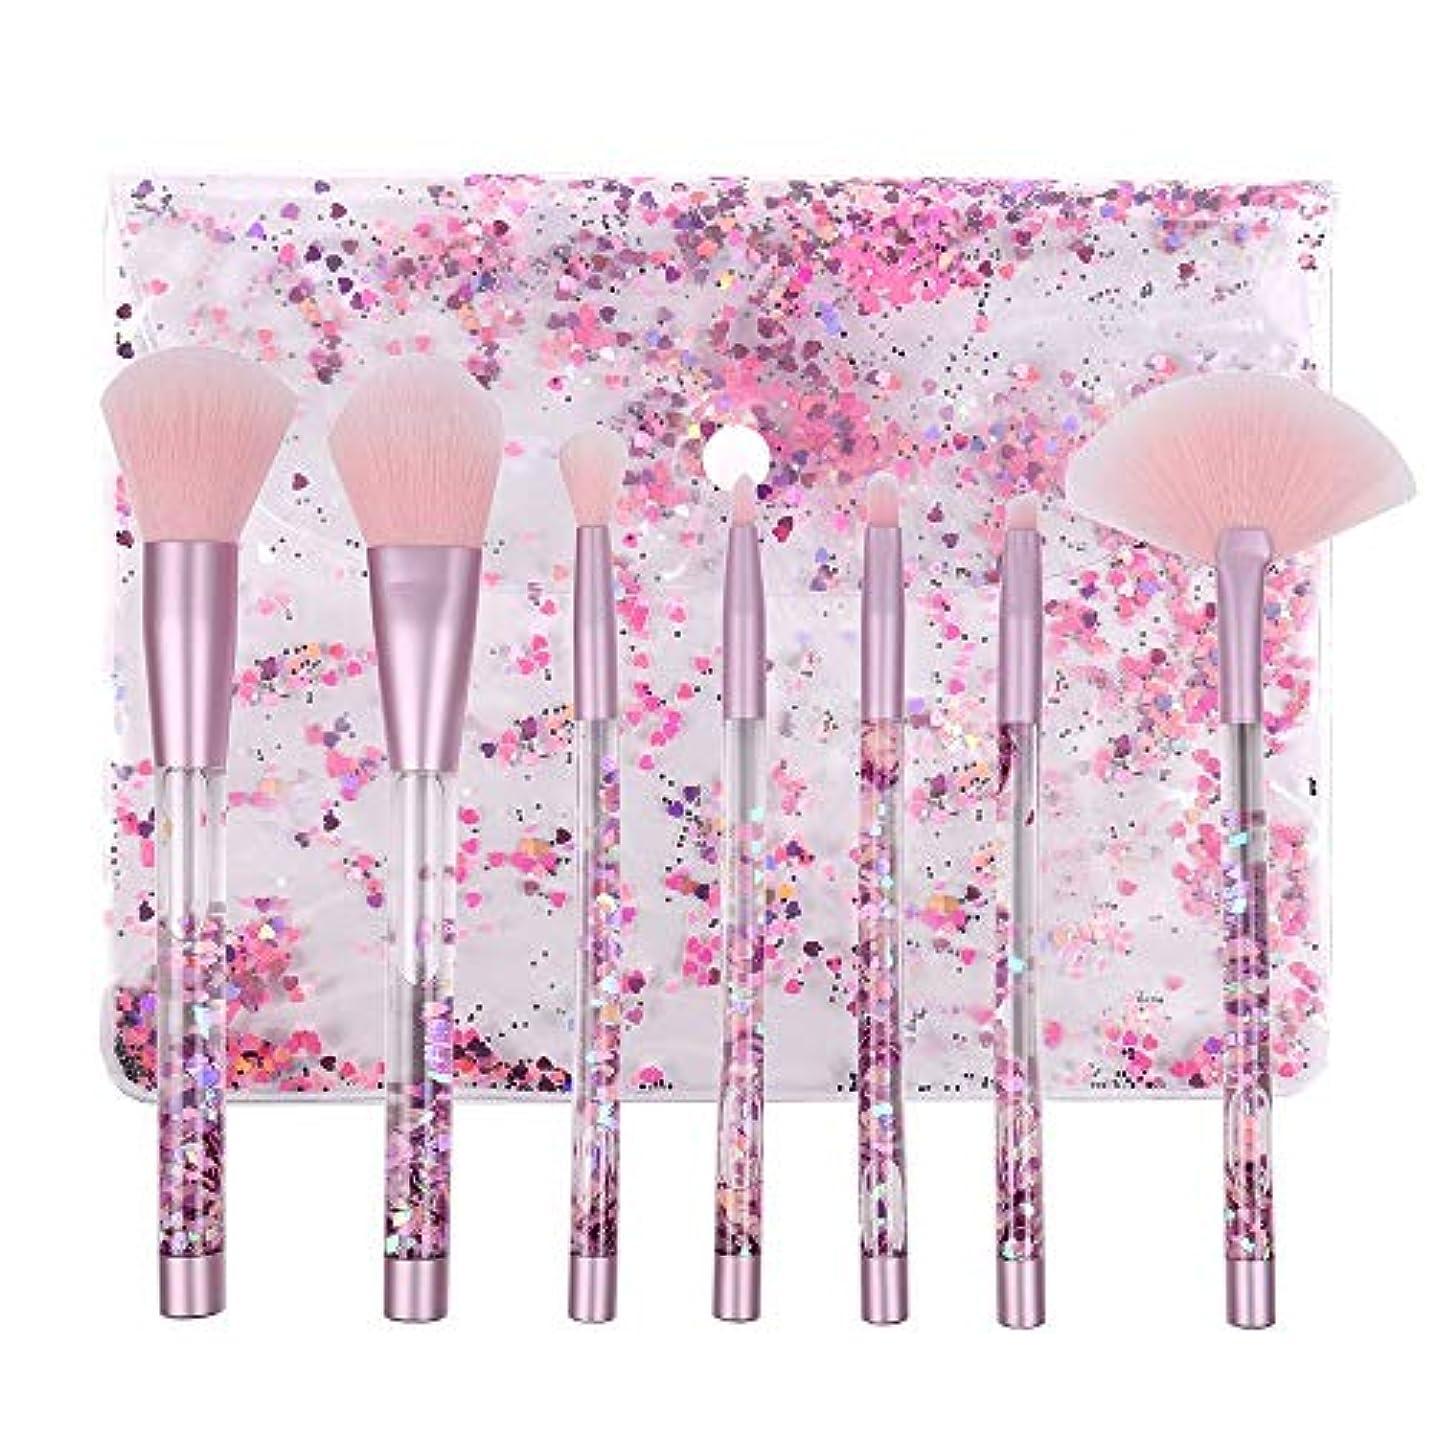 平和的多年生広がりMakeup brushes 化粧ブラシセット7ピースクリスタルピンク液体の光沢のある流砂のハンドル化粧ブラシナイロンブラシ suits (Color : Purple glitter handle and pink hair)